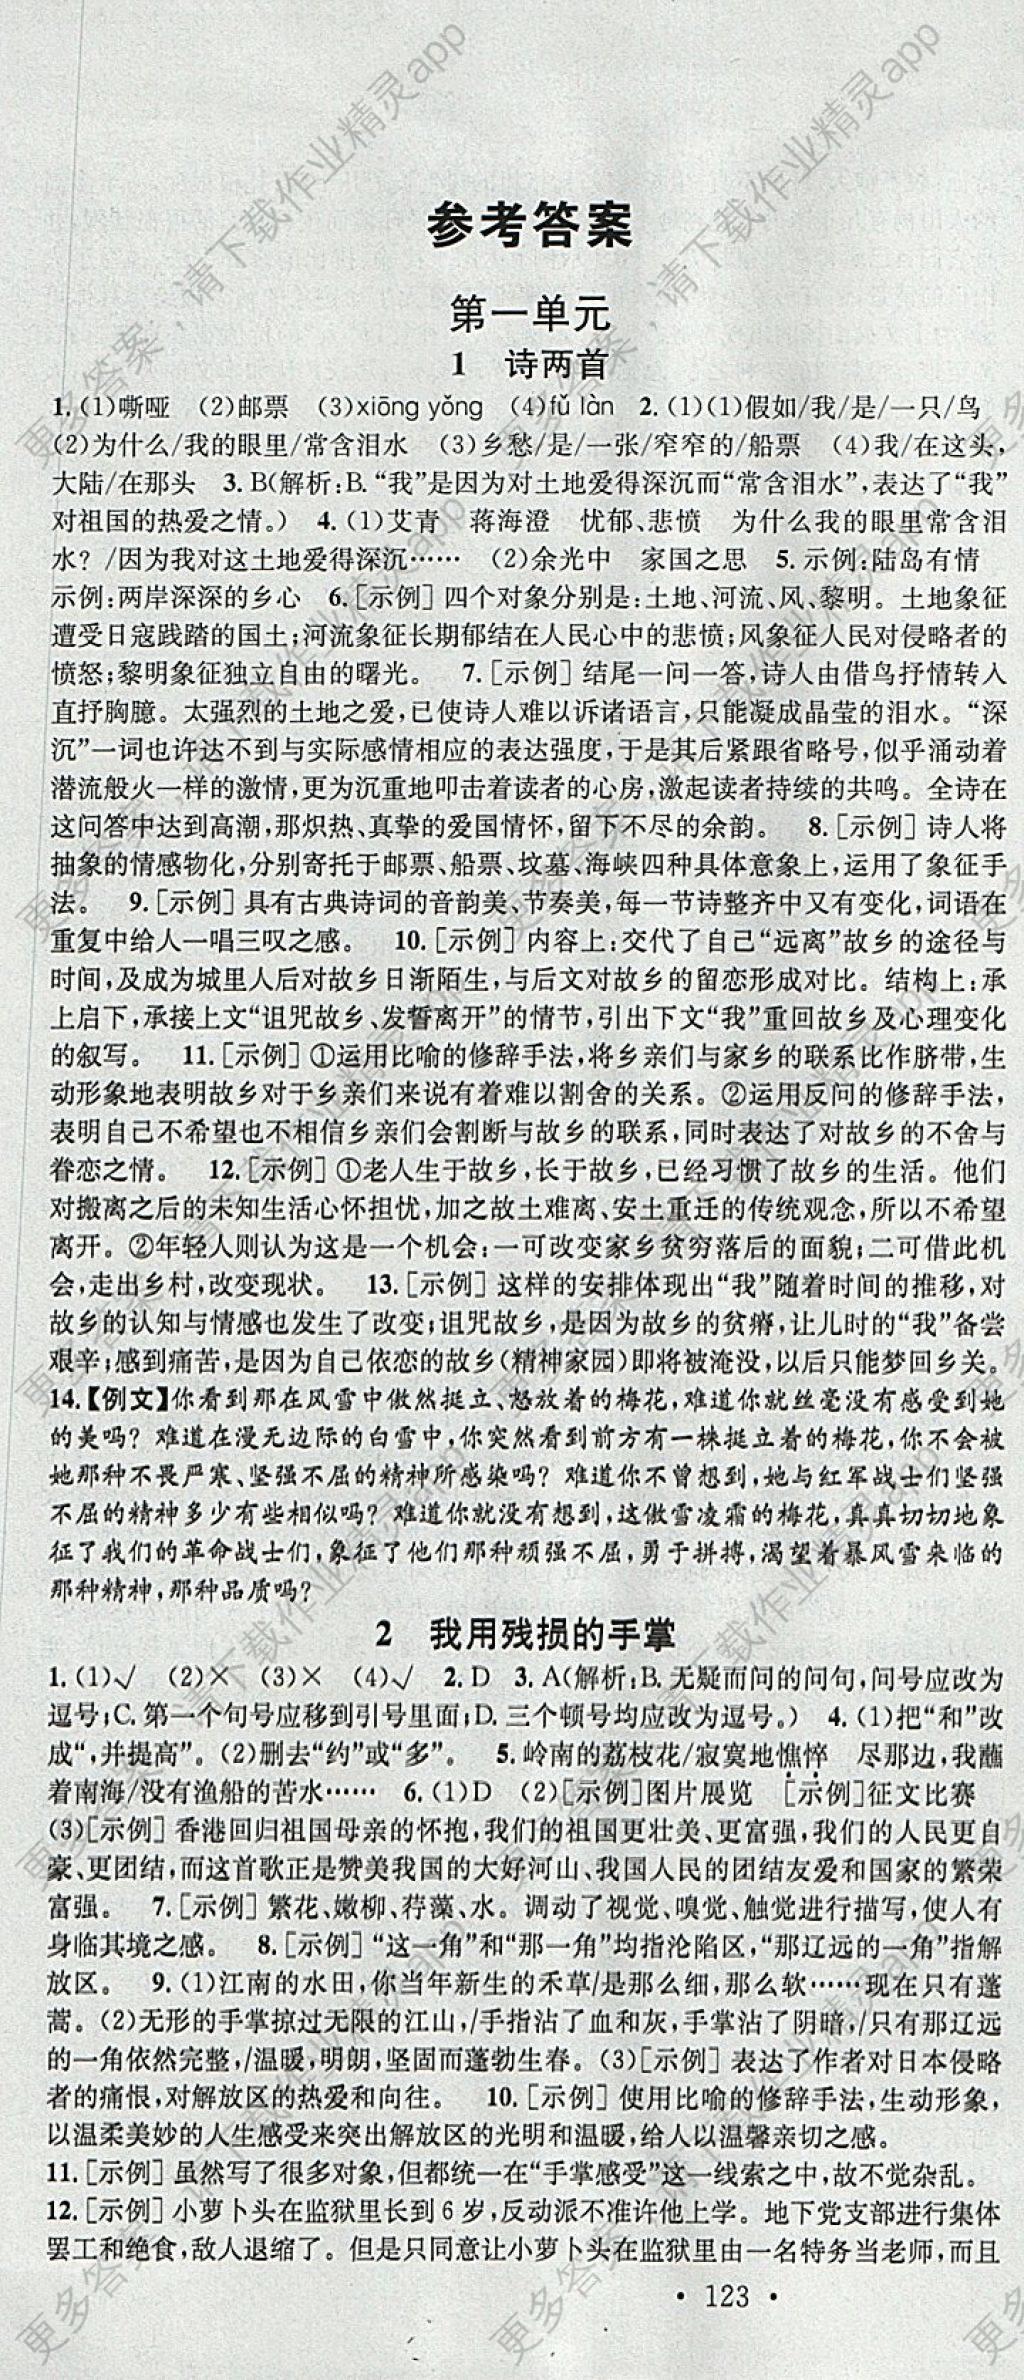 2018年名校课堂滚动学习法九年级语文下册人教版河北适用武汉大学出版社 参考答案第1页